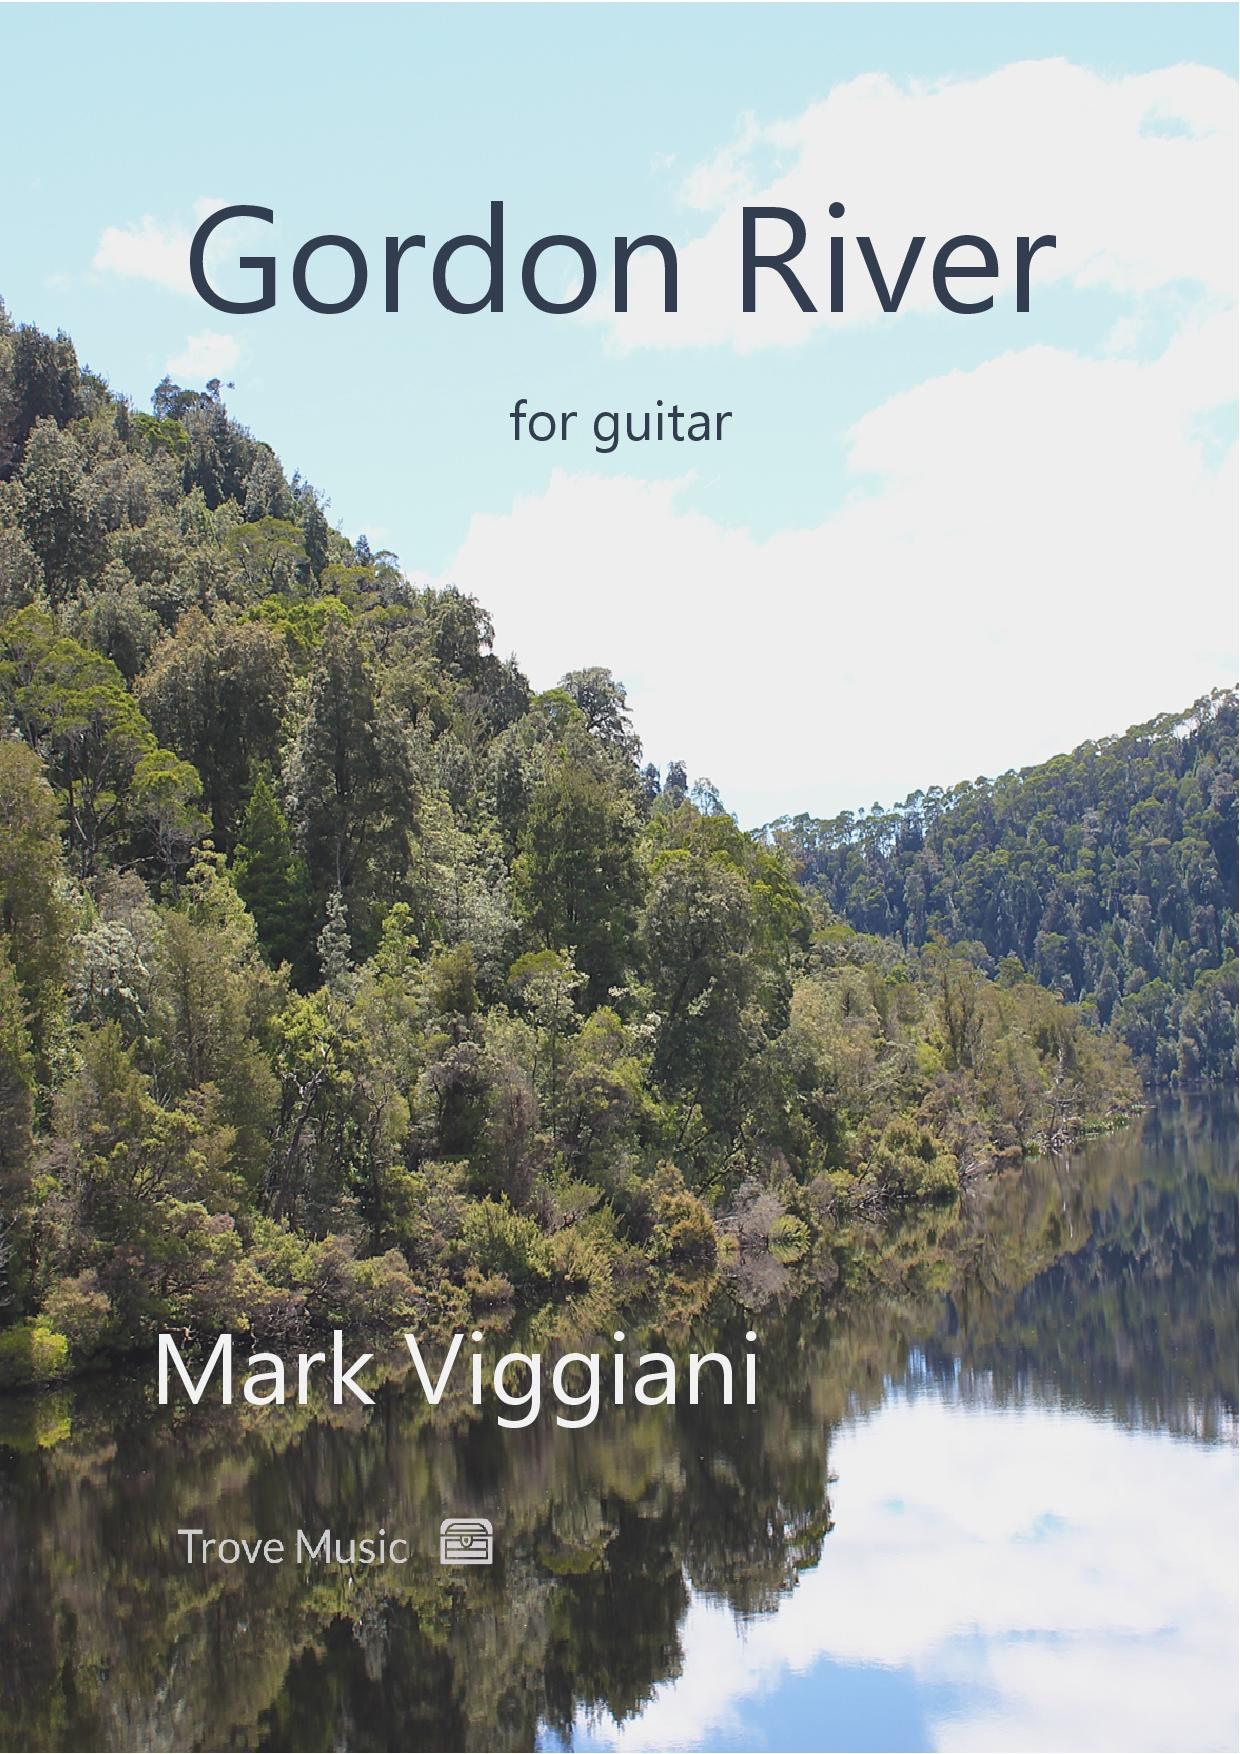 Viggiani_Gordon_river_Image.jpg